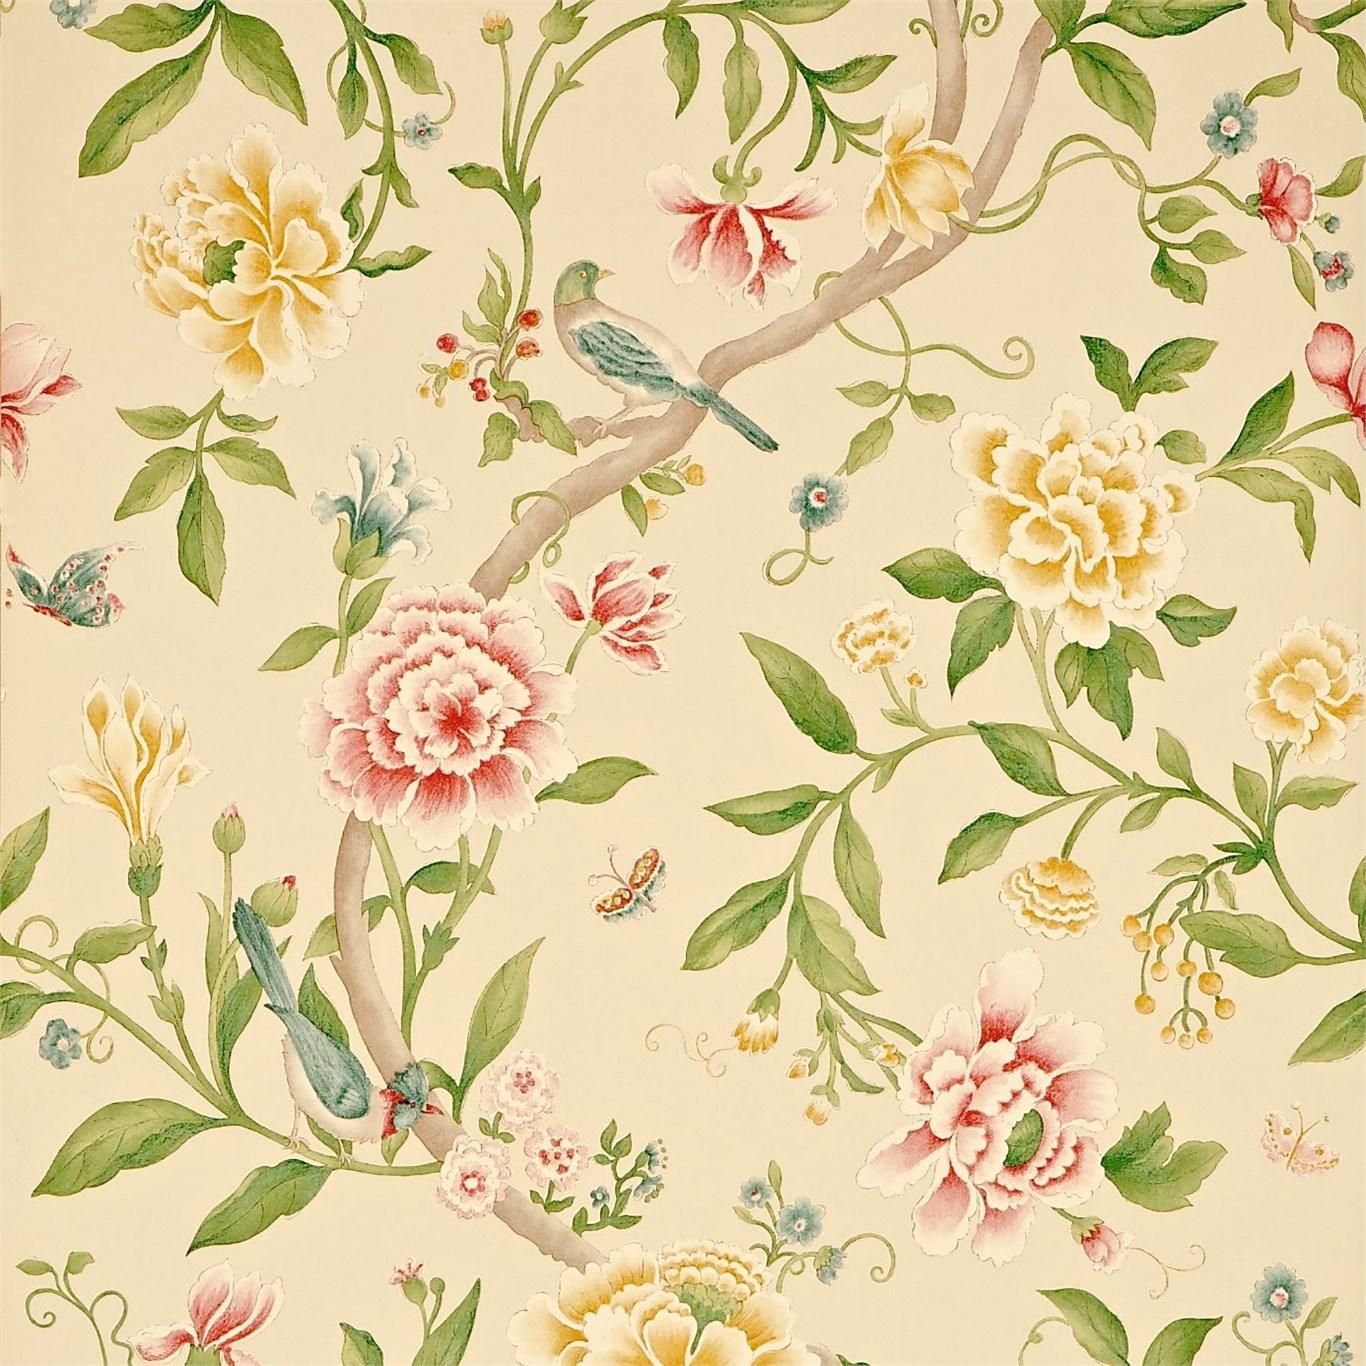 Papel pintado sanderson porcelain garden dcavpo104 - Sanderson papel pintado ...